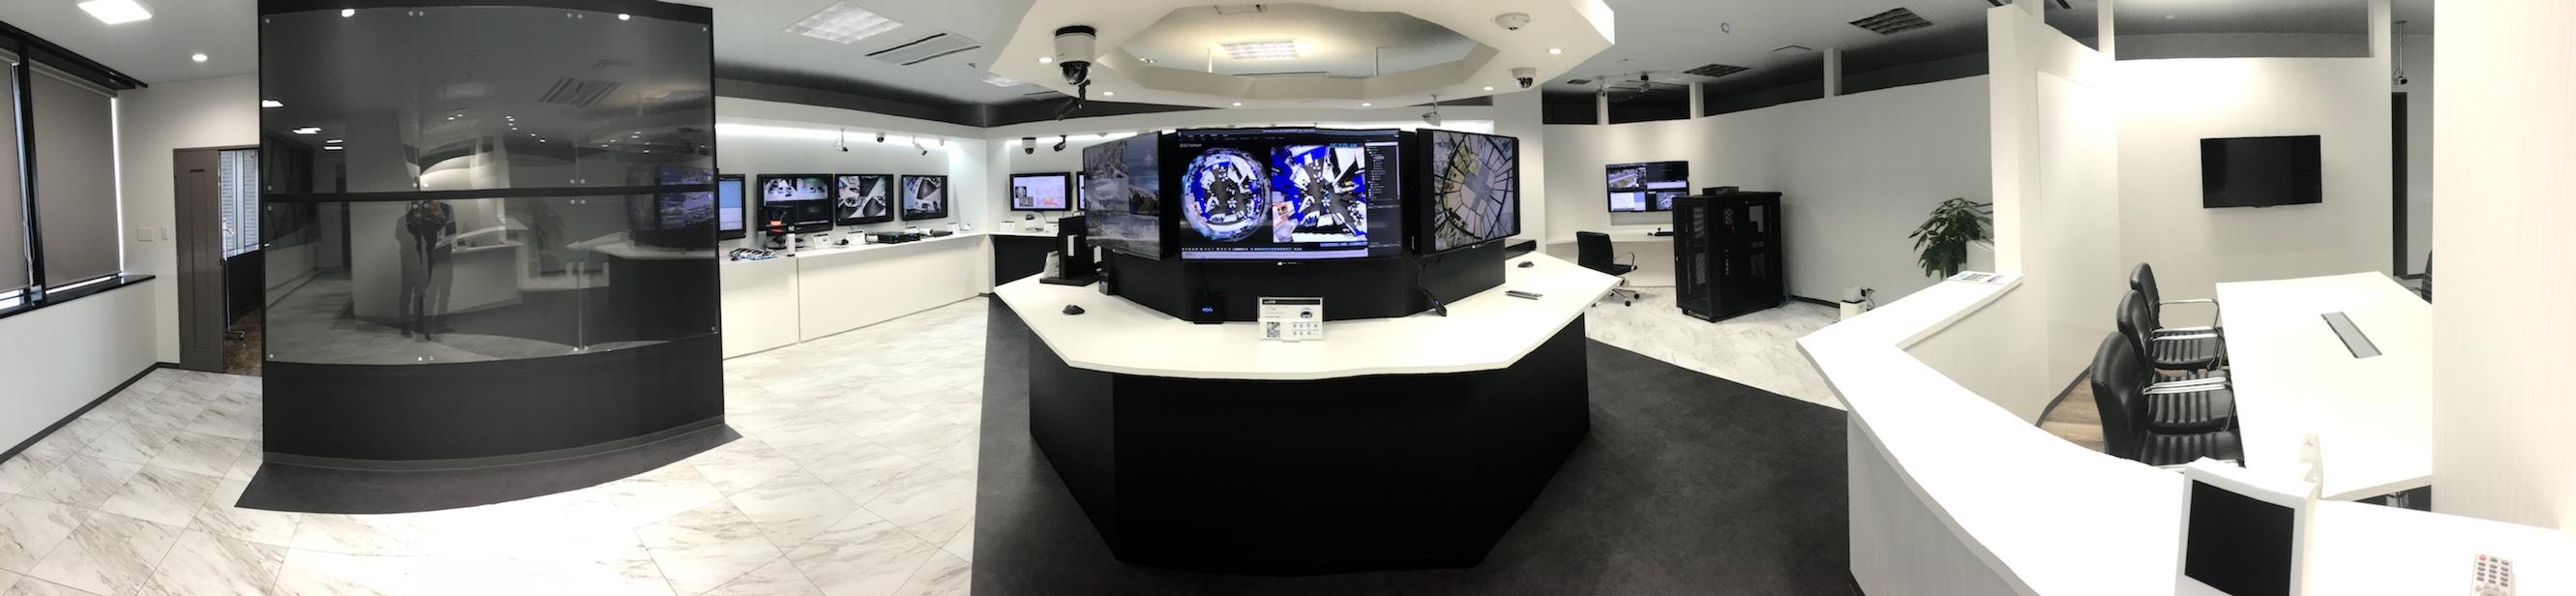 セキュリオン24のショールーム